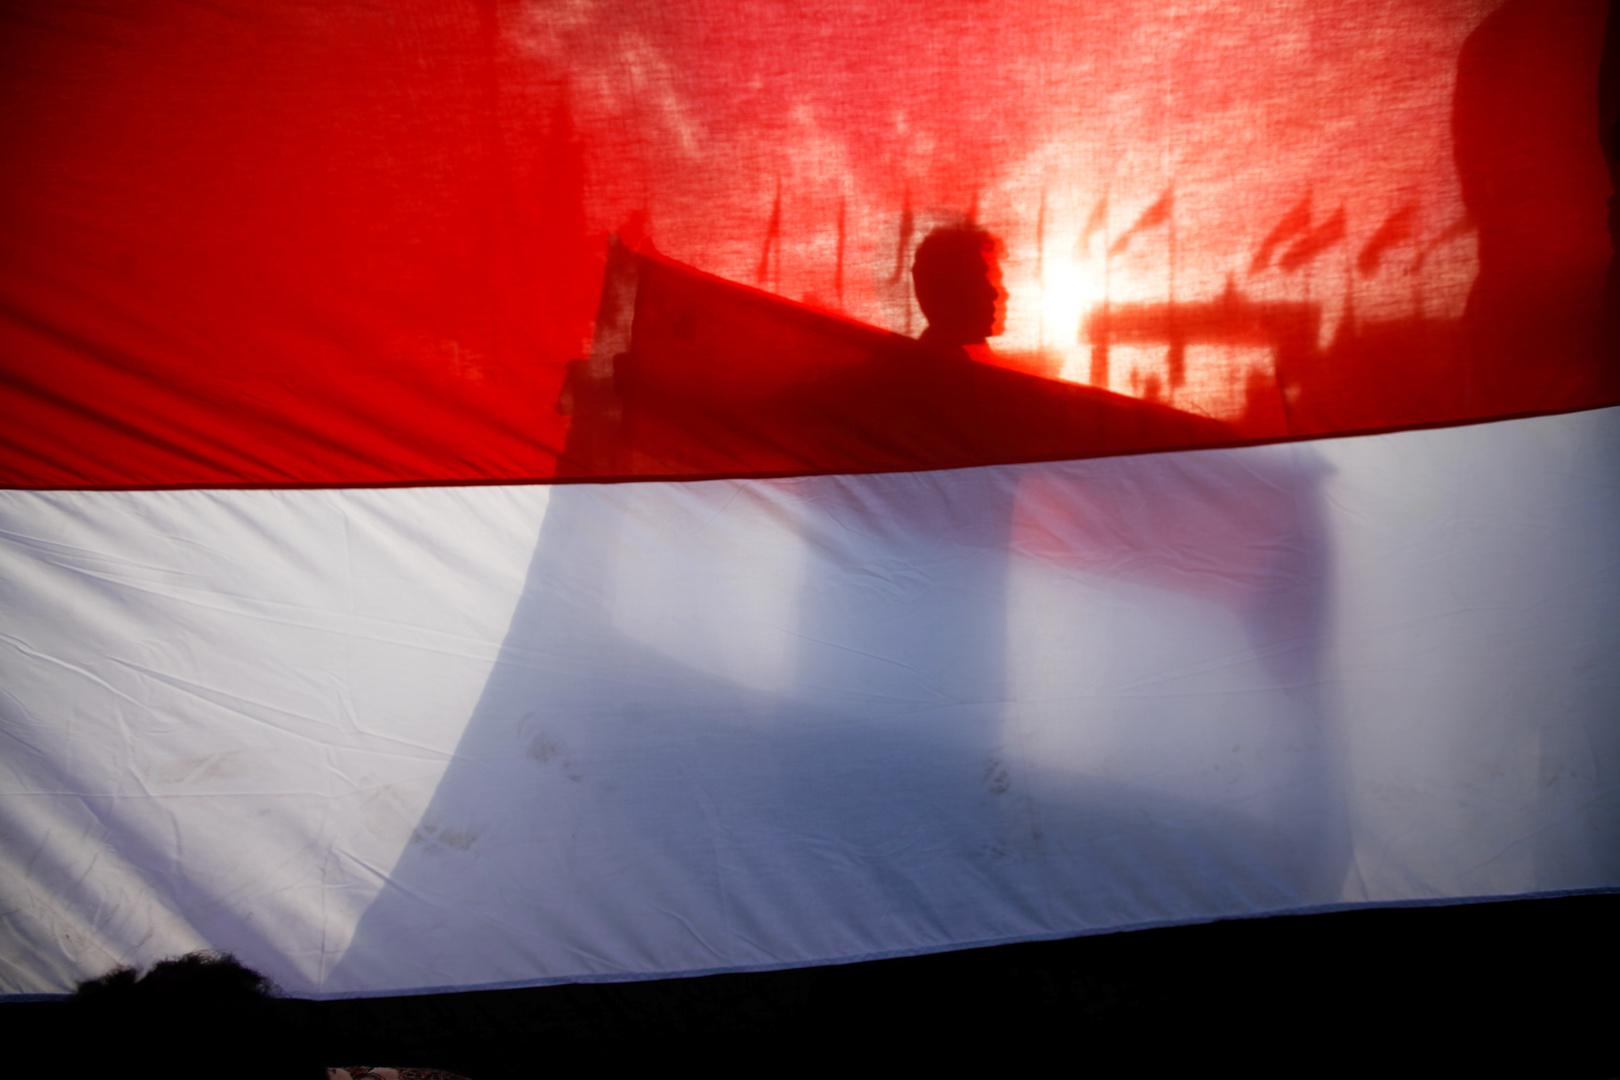 اليمن يسلم لبنان رسالة احتجاج ردا على تصريحات قرداحي